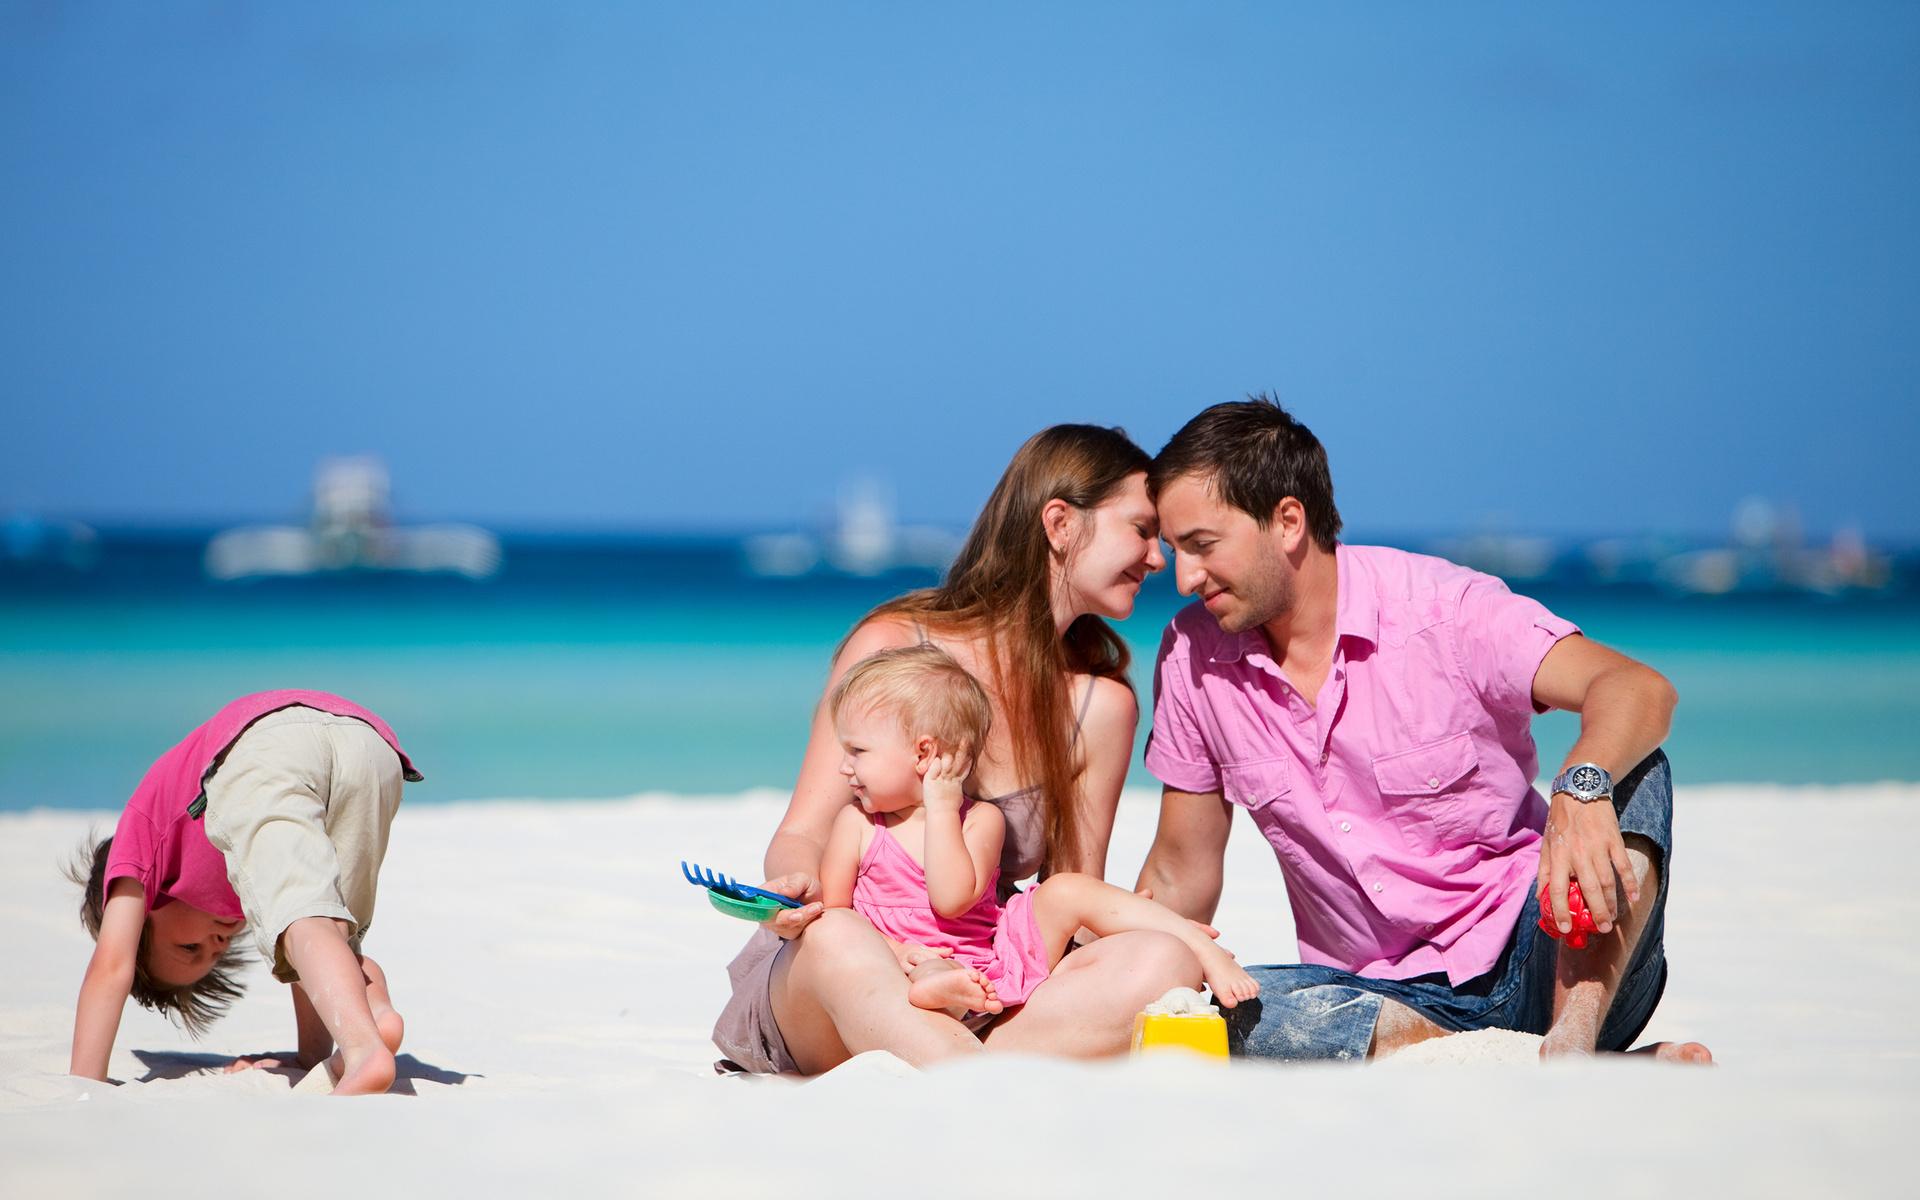 Картинка: Семья, мама, папа, дети, песок, формочки, игра, отдых, море, пляж, солнце